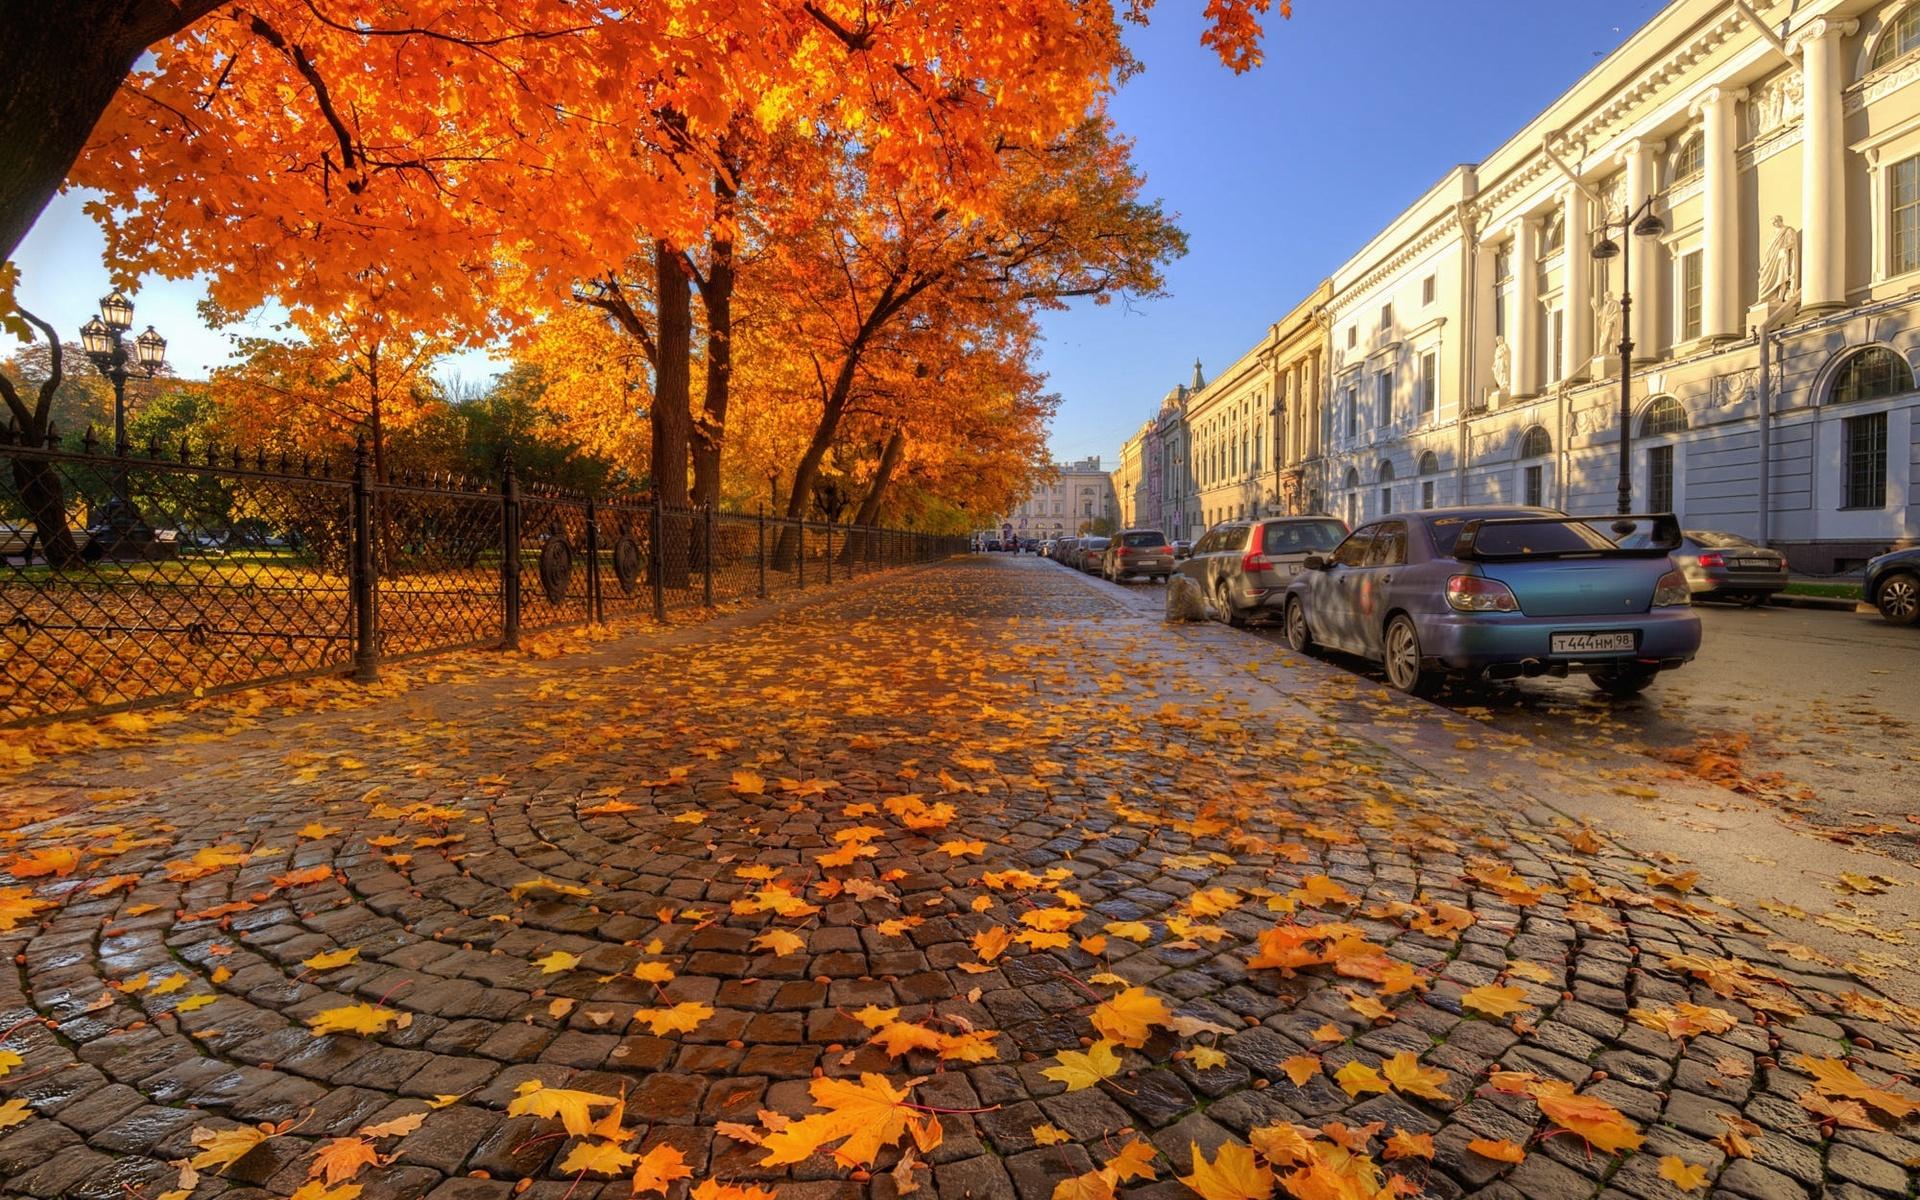 Фотографии осень в городе